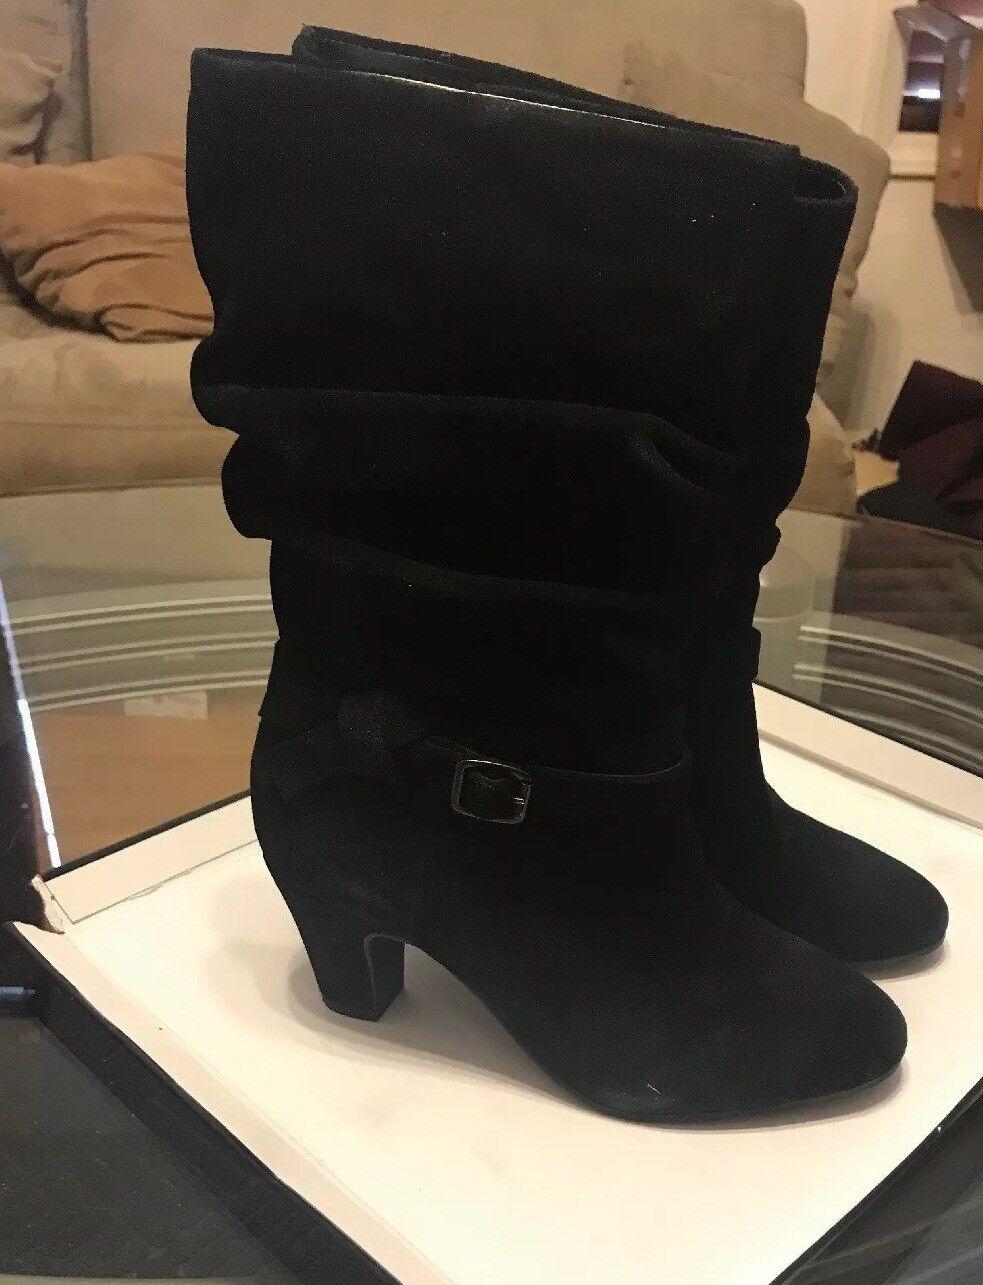 Nuevo Con Etiqueta Mujeres Cuero De Gamuza Alex Marie Yarra Yarra Yarra botas talla 8m Negro  punto de venta